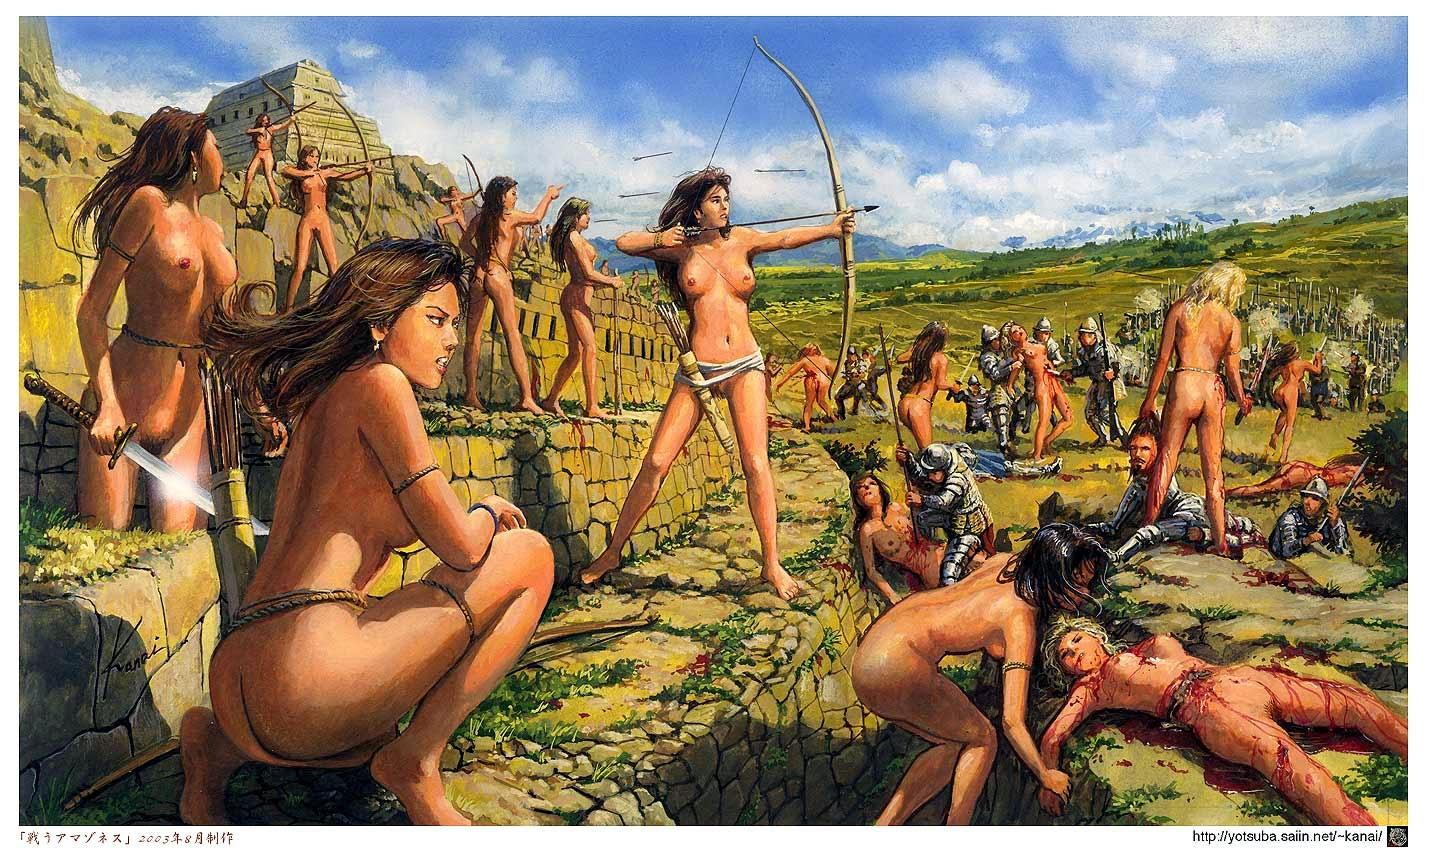 племена амазонки порно